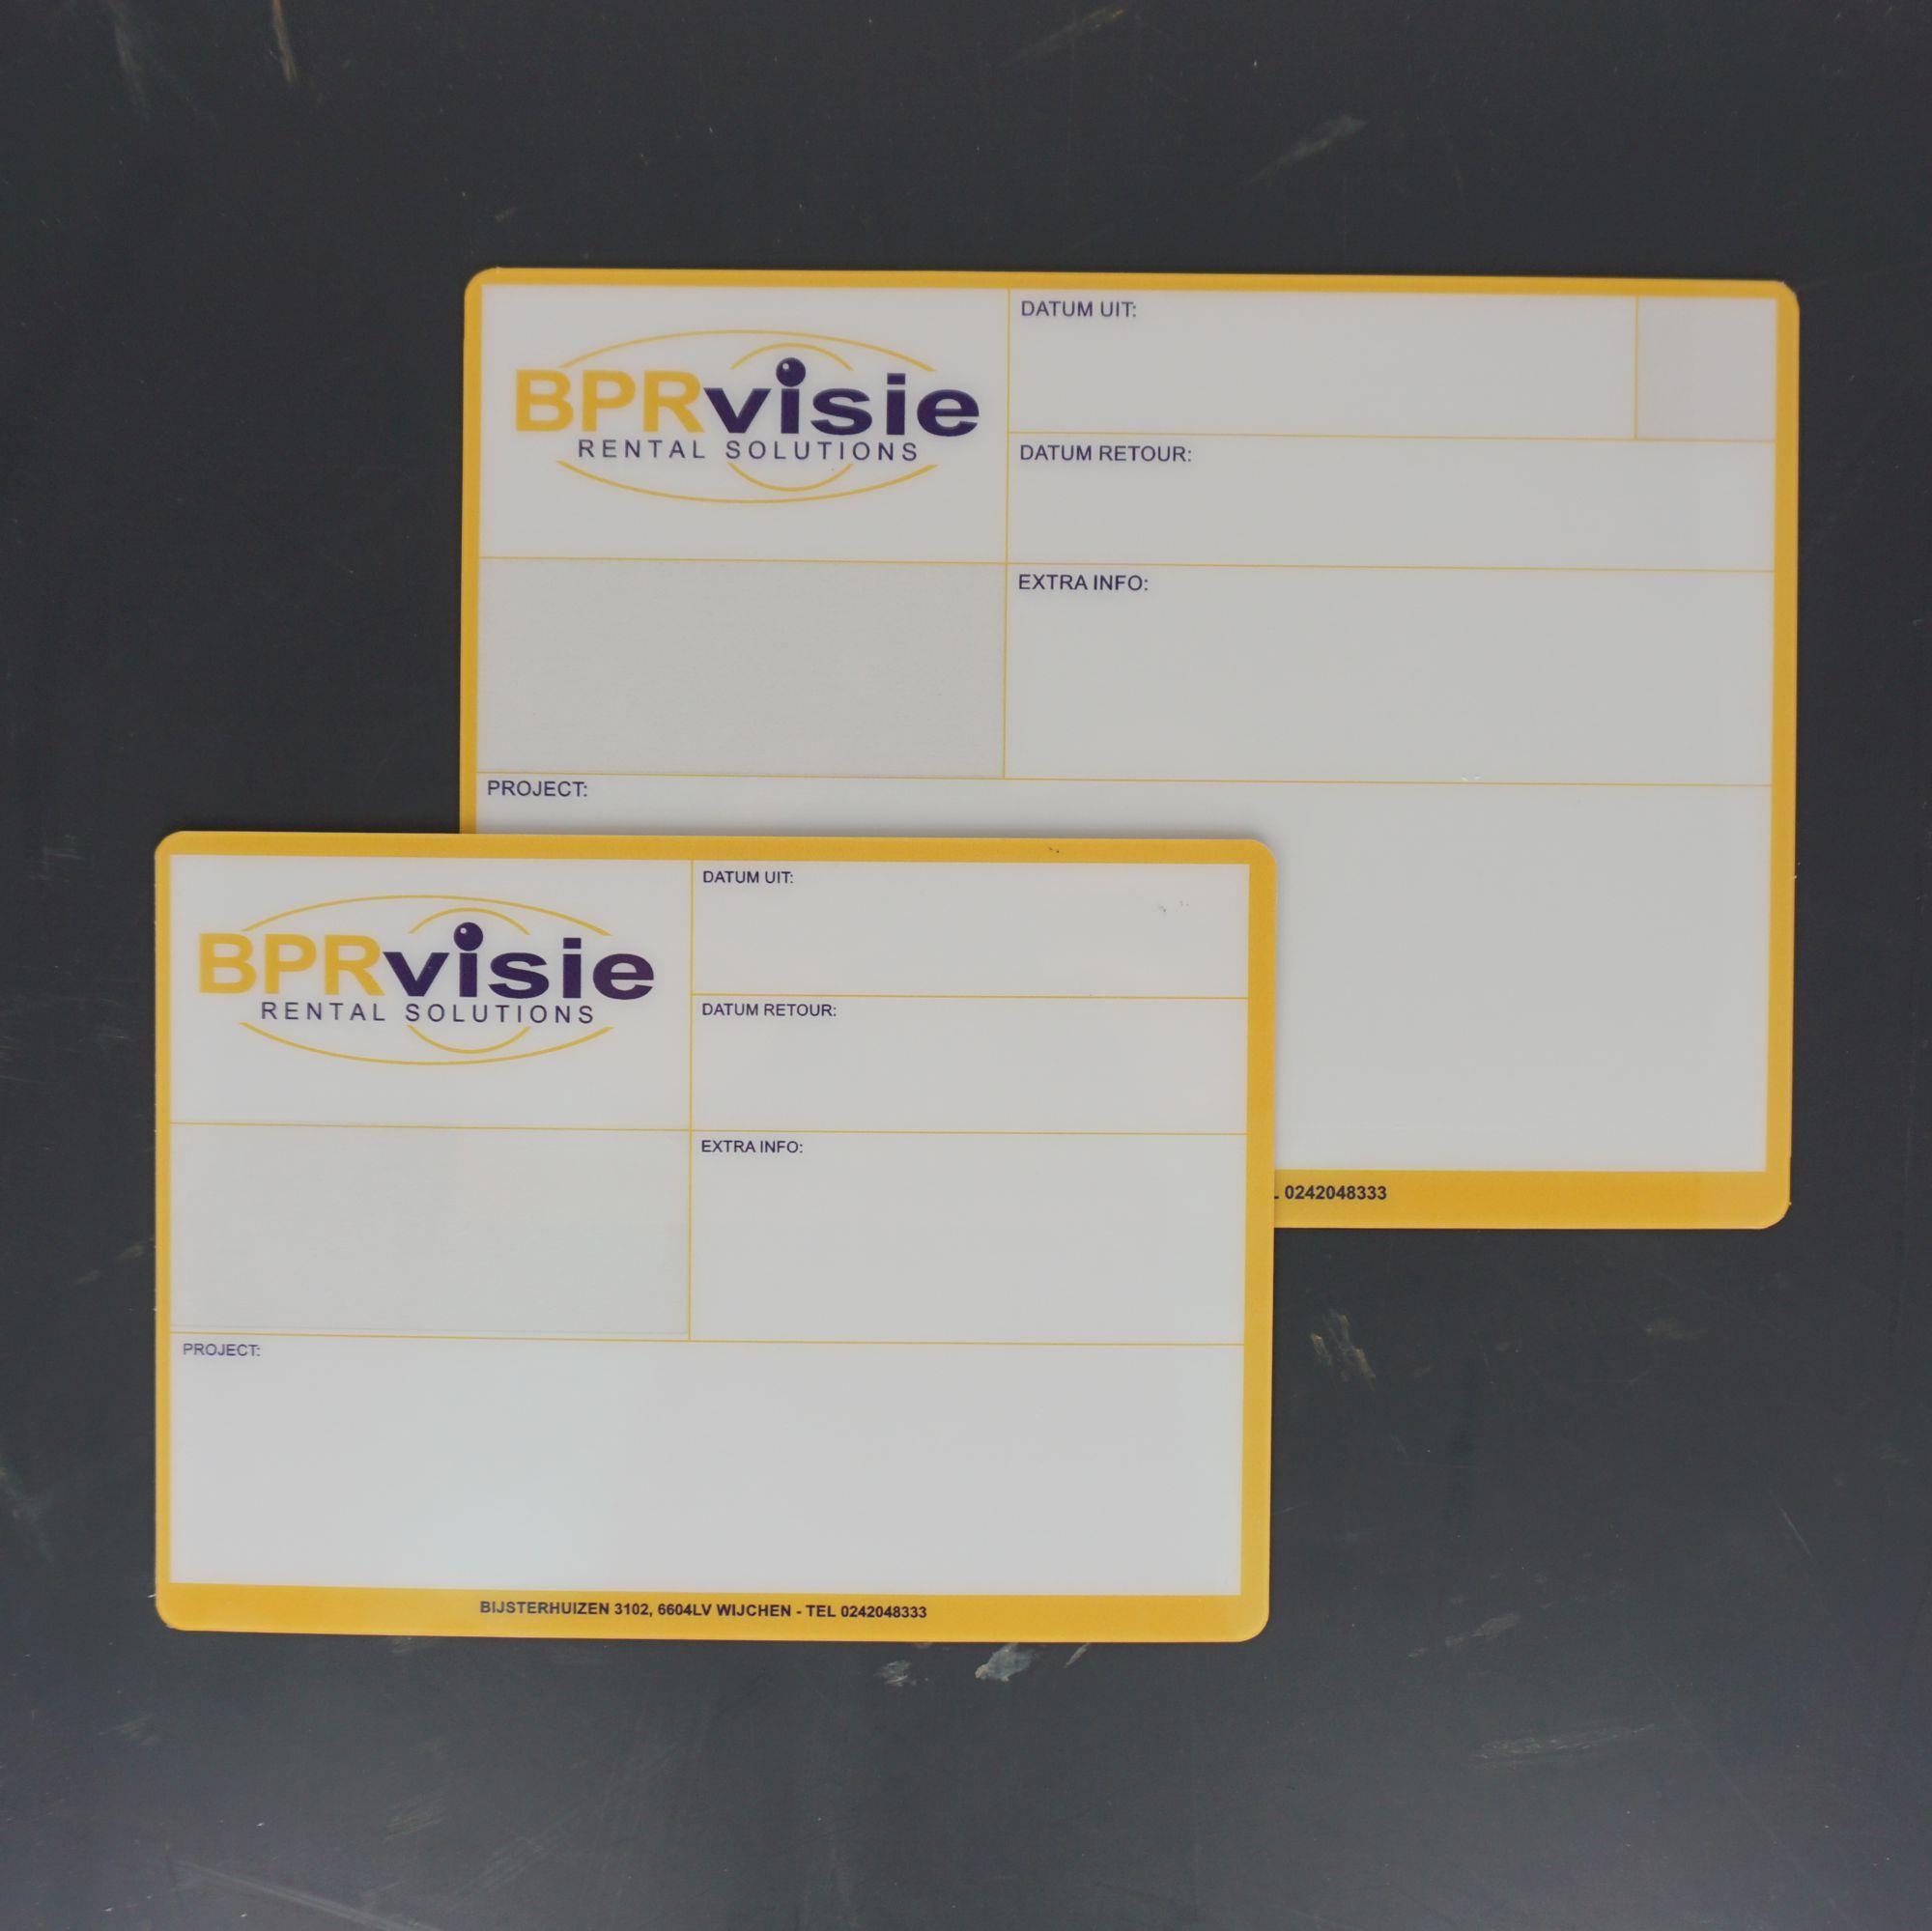 Flightcaselabels Caselabels BPR Visie